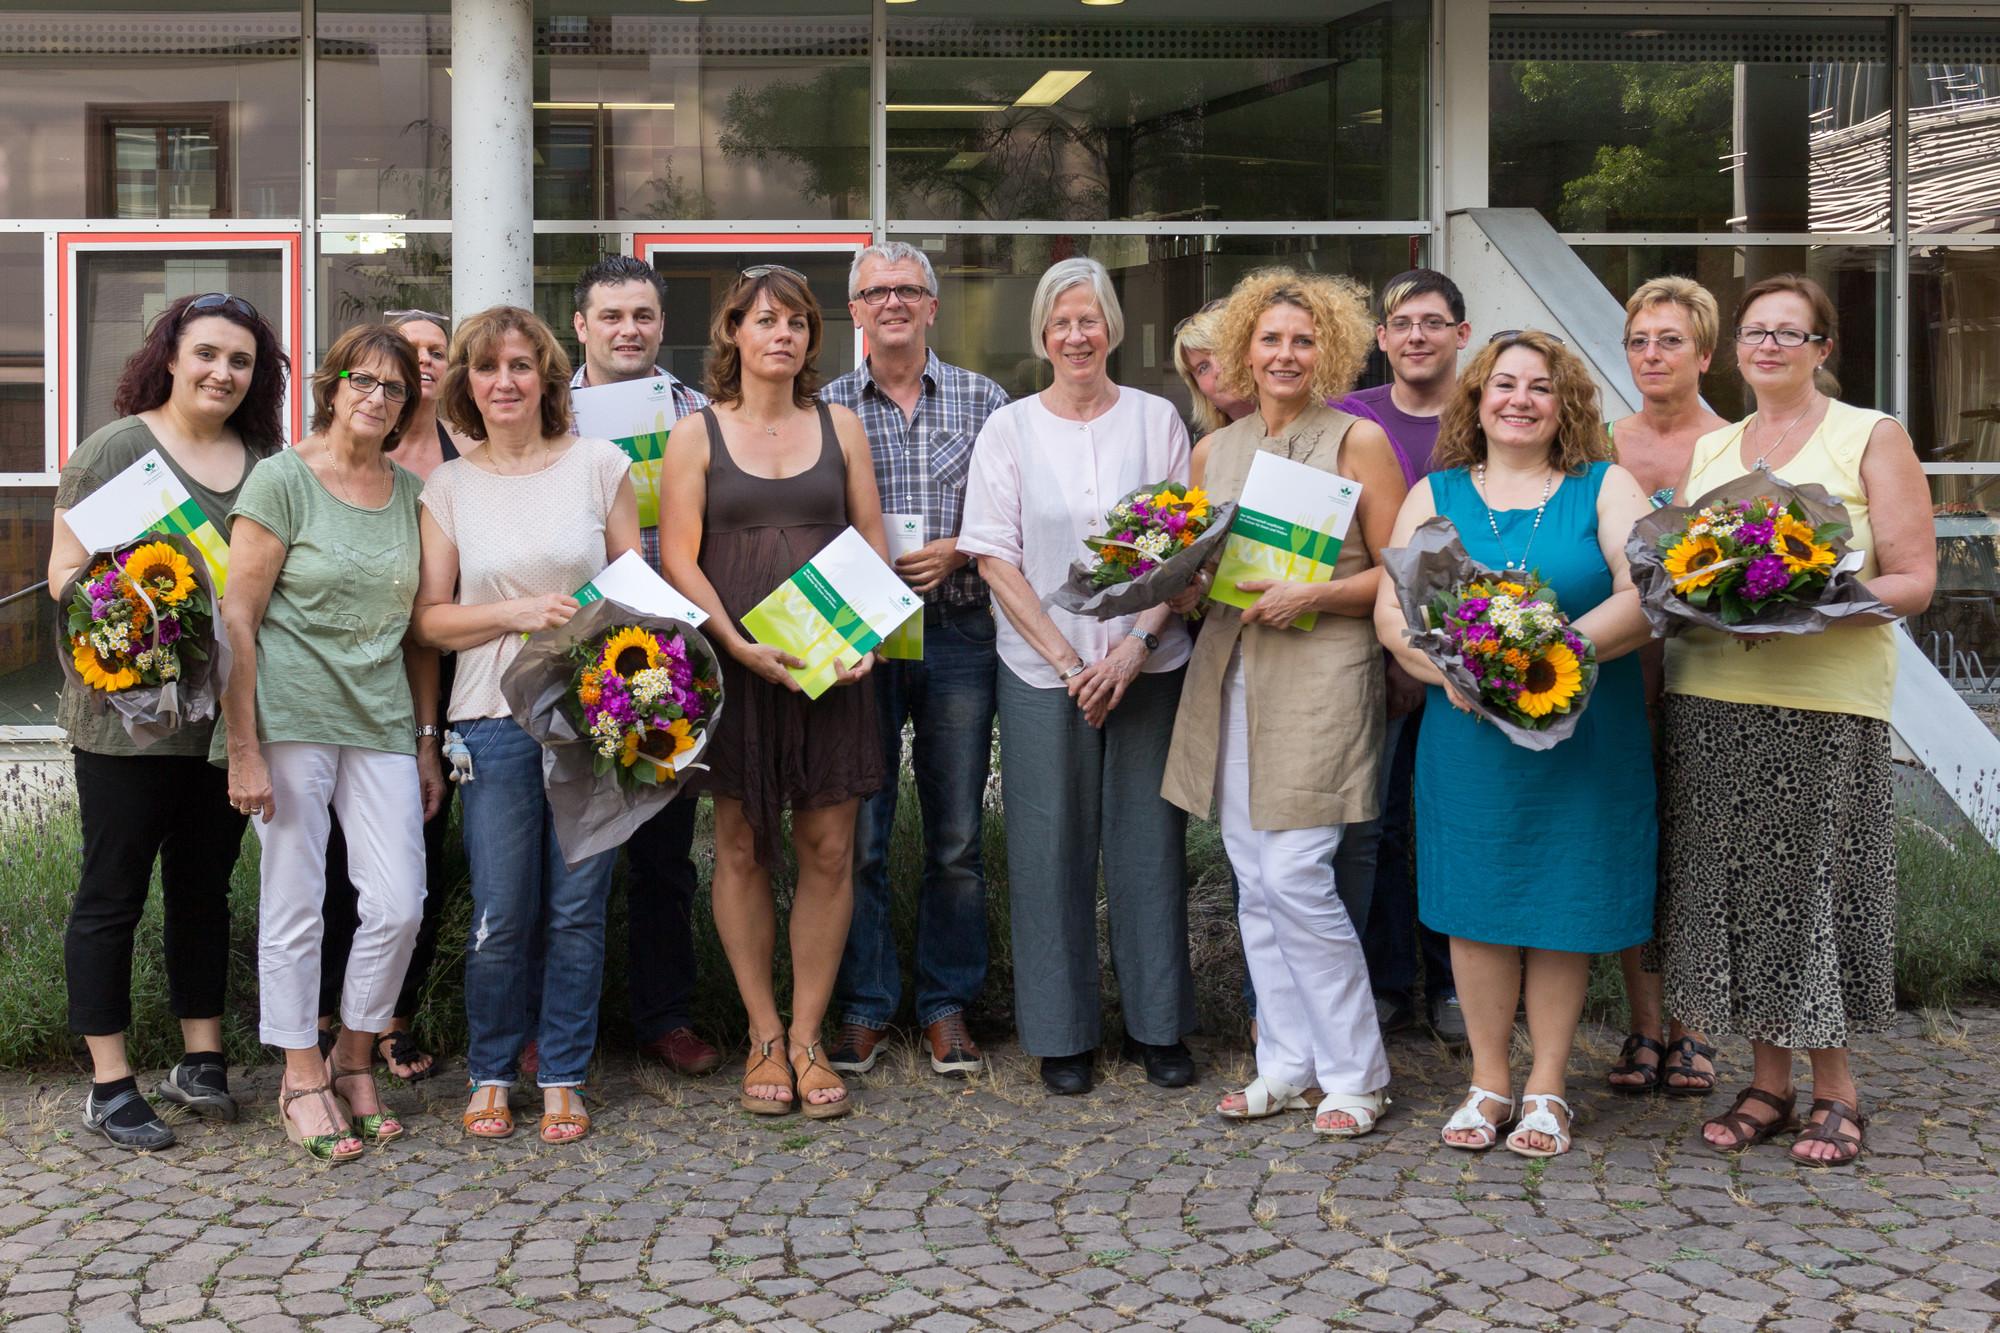 Kita-Leitungen und Küchenkräfte gemeinsam mit Dr. Dörte Folkers (DGE) bei der Übergabe der neuen DGE-Zertifikate. Foto: B. Dahlhoff